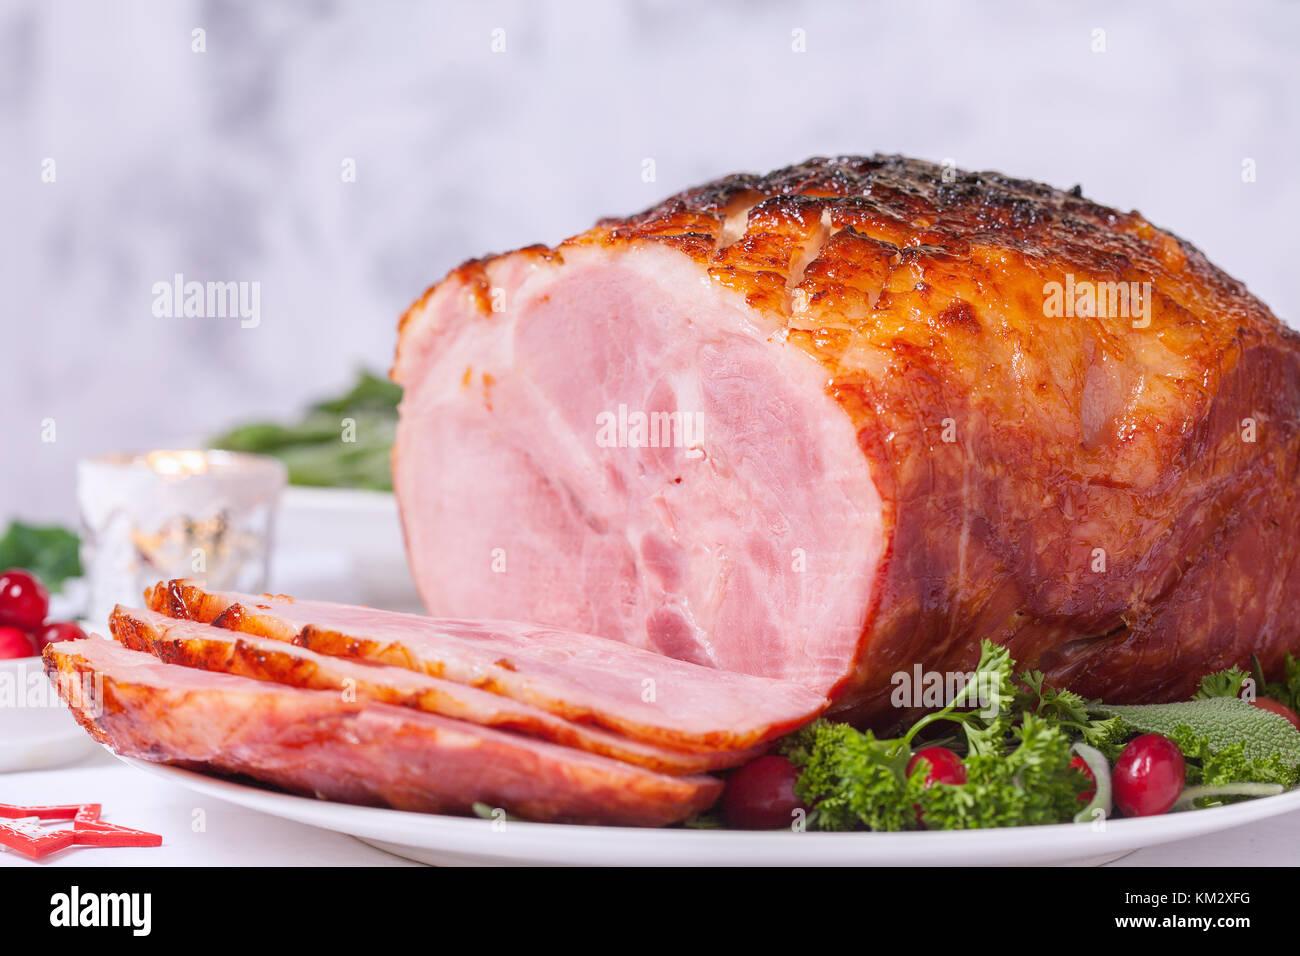 Christmas Roasted glazed holiday pork ham - Stock Image